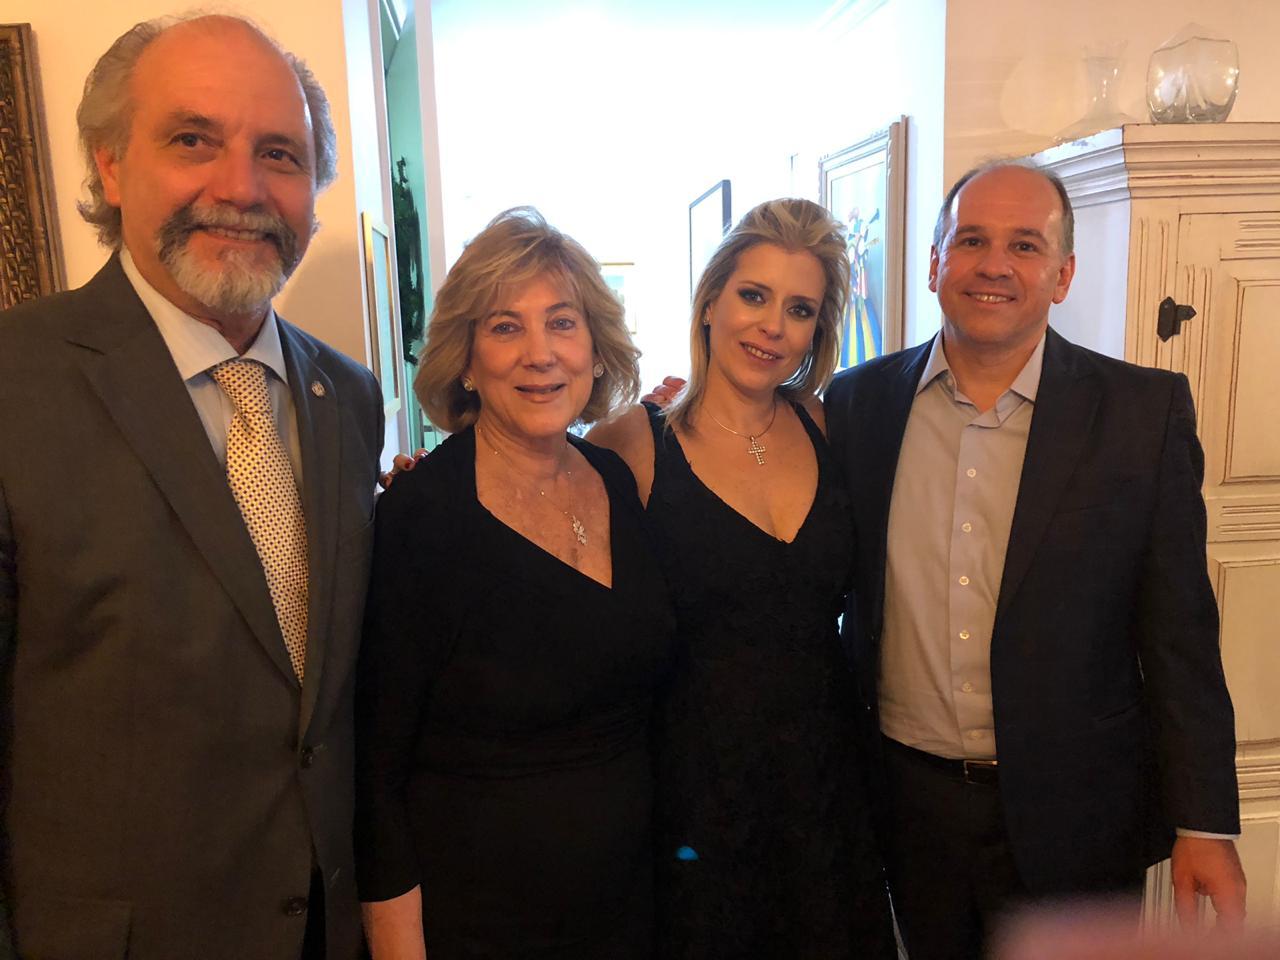 Novo Secretário de Justiça de São Paulo é homenageado com jantar